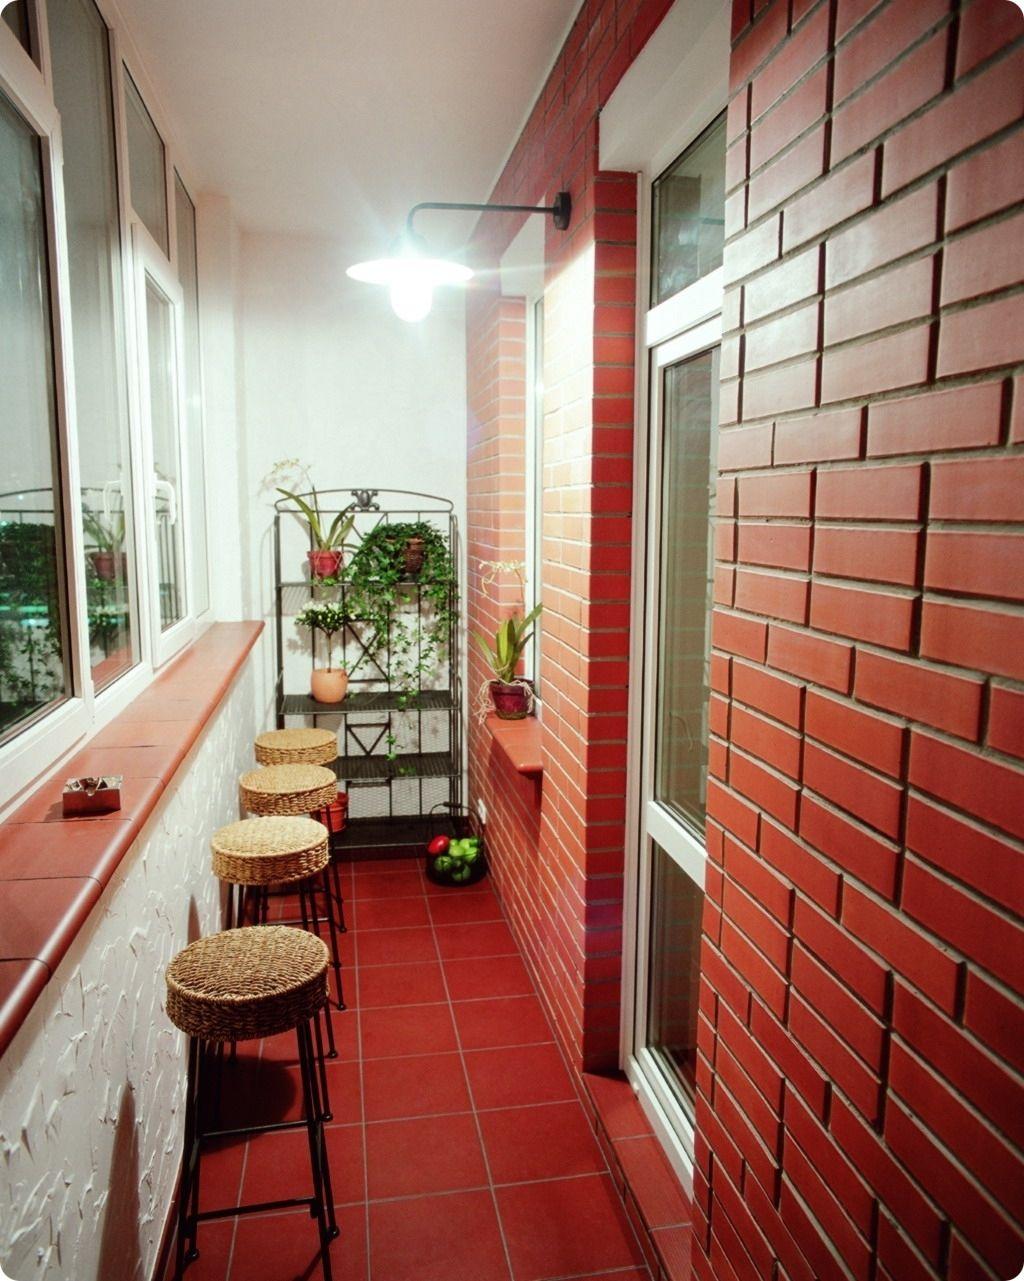 Оригинальный дизайн балкона - самое интересное в блогах.